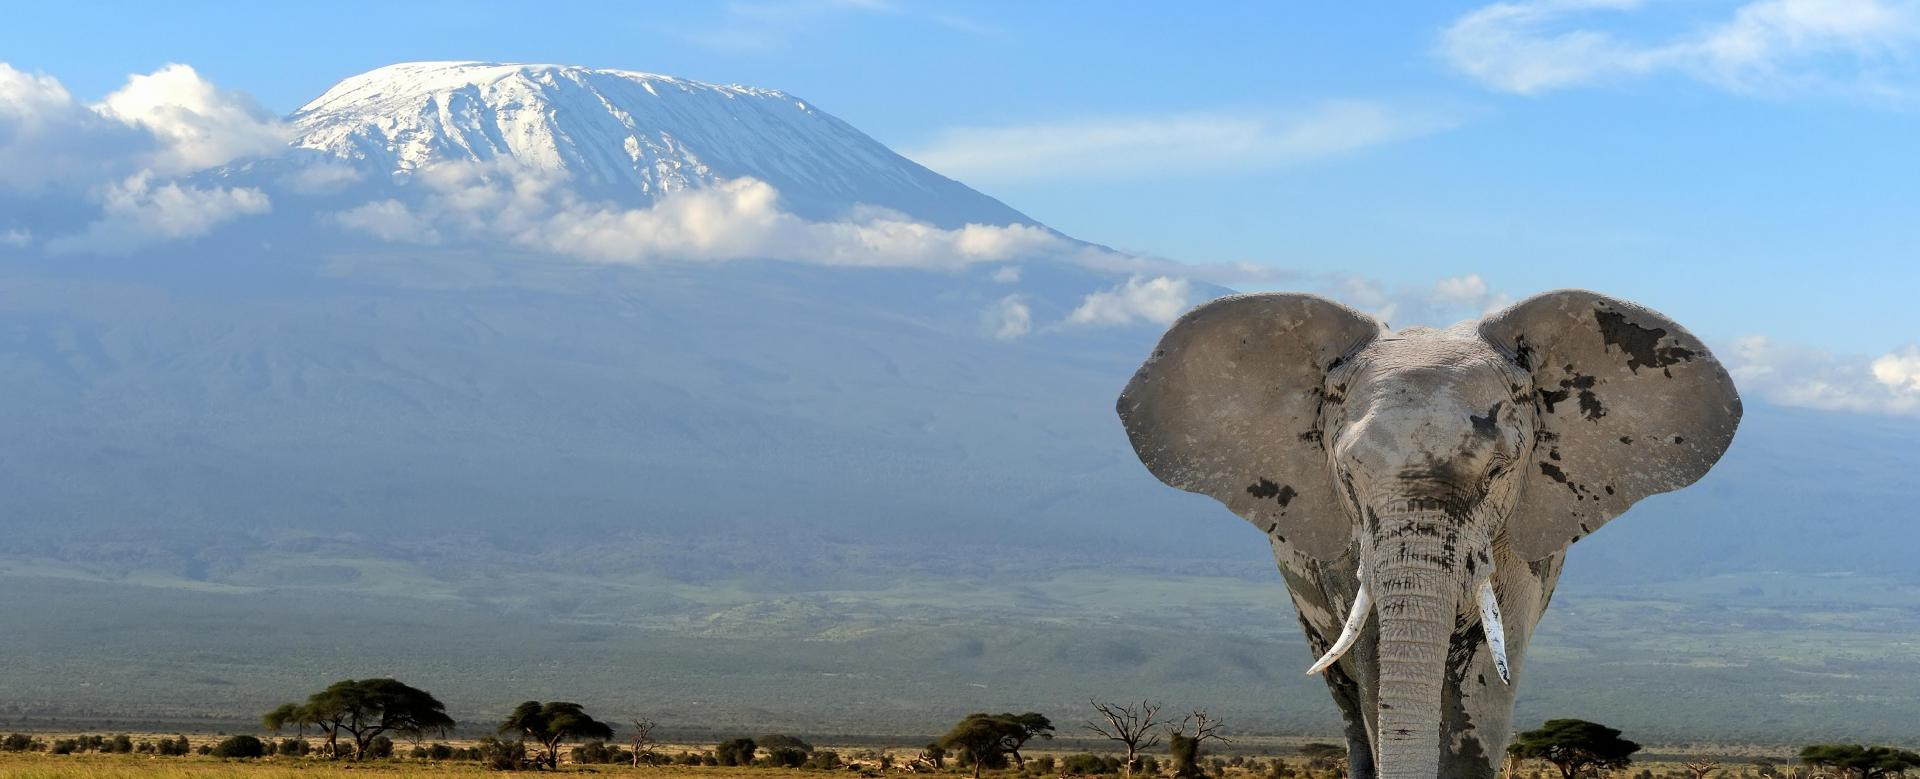 Voyage à pied : Tanzanie : Kilimandjaro : voie machame et big five